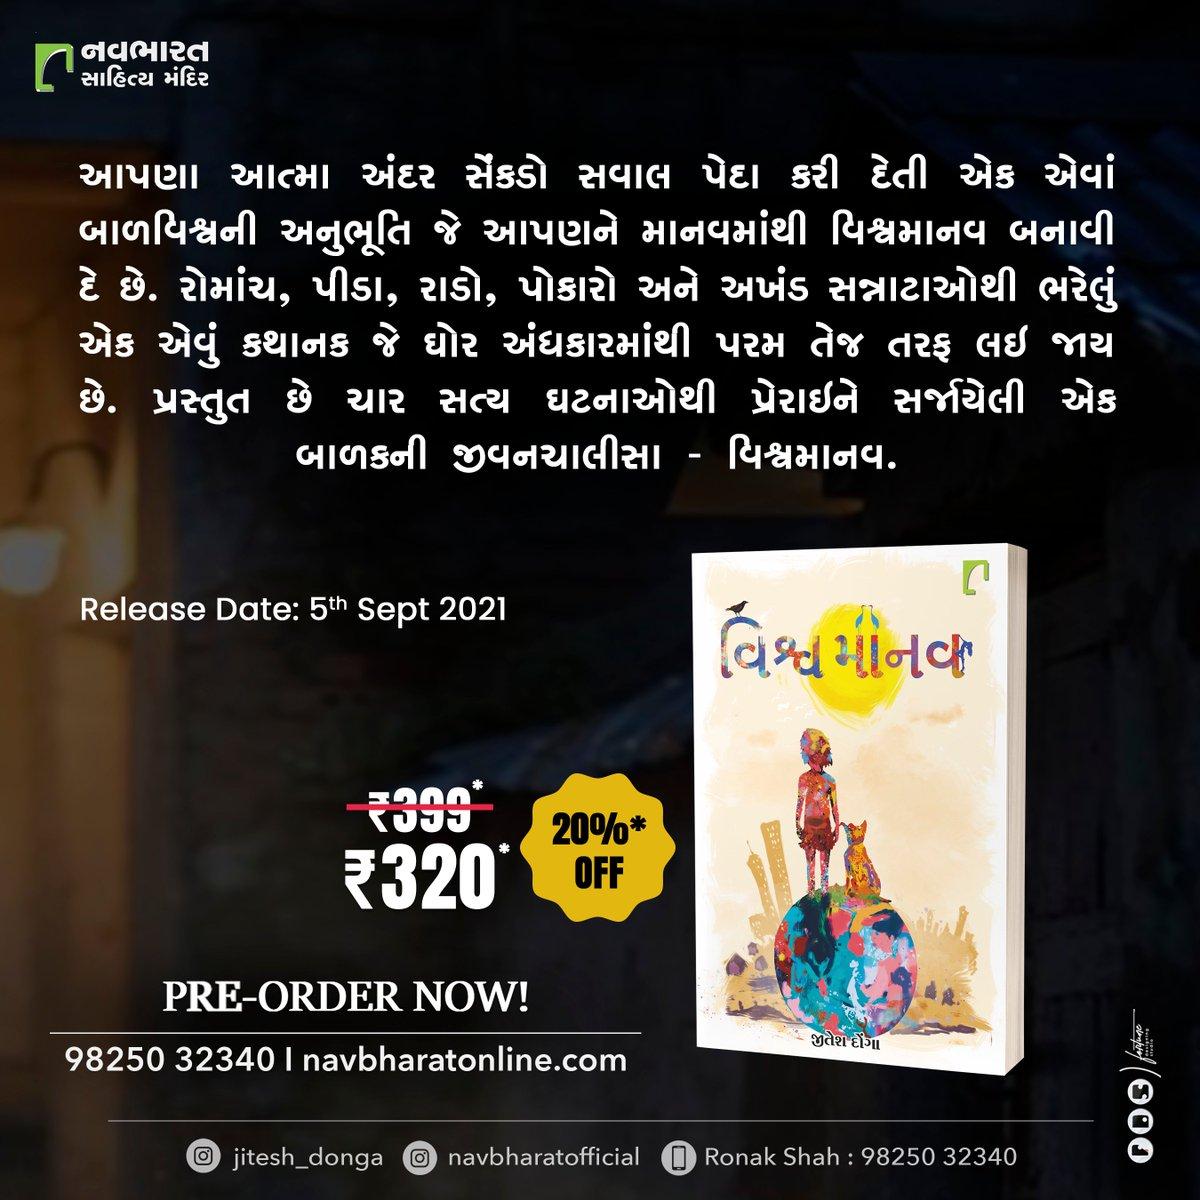 બુકિંગ માટે આ લિંક પર ક્લિક કરો અને જલ્દીથી તમારી કોપી બુક કરાવો. પ્રિ-બુકિંગ કરાવો અને મેળવો 20% ડિસ્કાઉન્ટ https://t.co/zmAId4VQD0  #NavbharatSahityaMandir #ShopOnline #Books #Reading #LoveForReading #BooksLove #BookLovers #Bookaddict #Bookgeek #Bookish #Bookaholic #Booklife https://t.co/rqegElqKiU